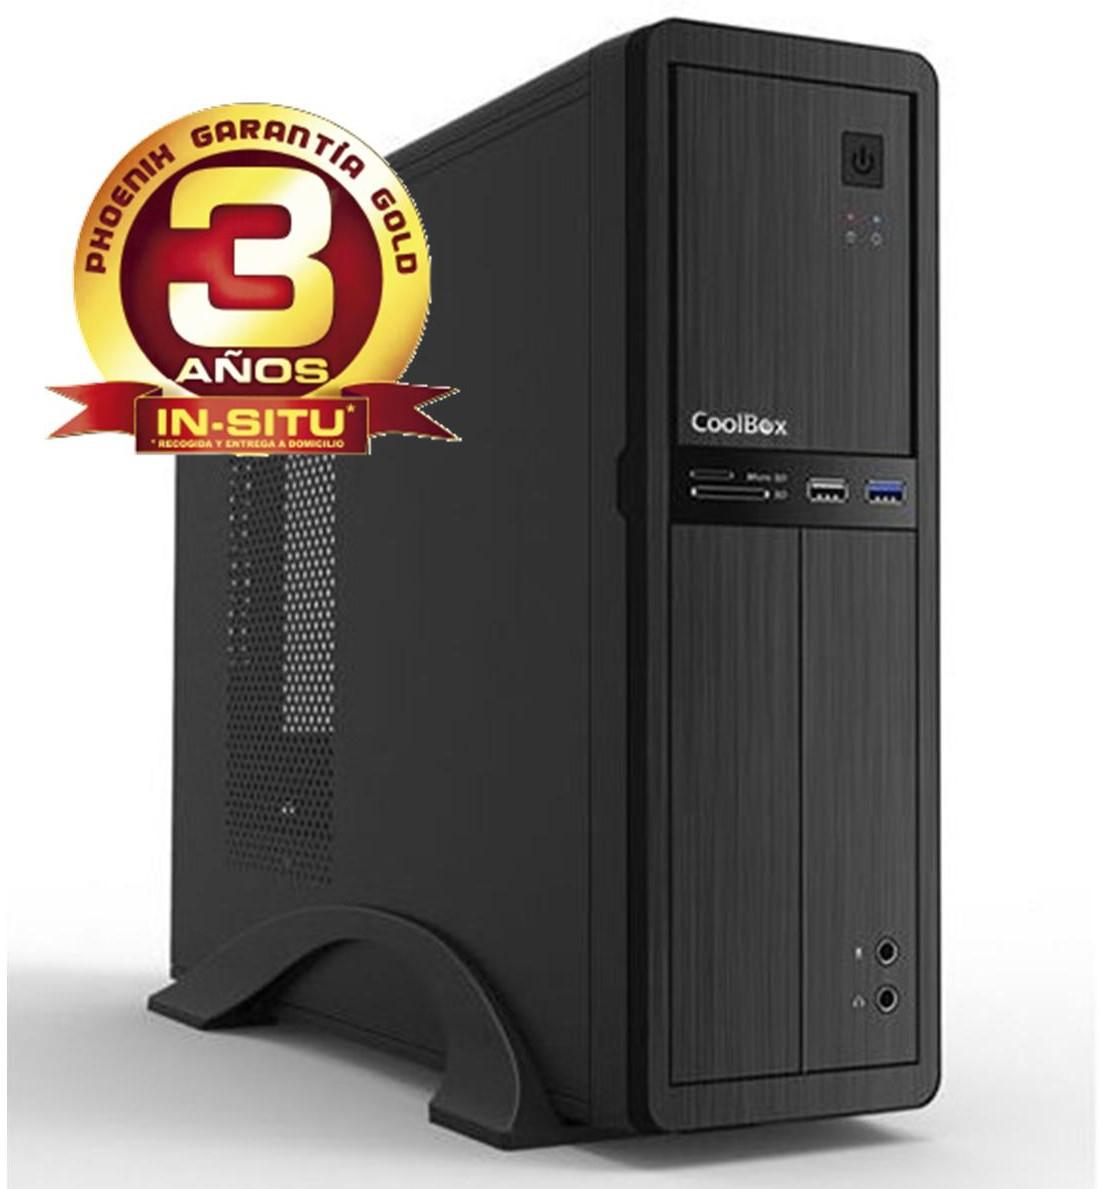 ORDENADOR DE OFICINA PHOENIX OBERON PRO INTEL CORE I5 6º GEN 8GB DDR4 1 TB RW MICRO ATX SLIM PC SOBREMESA